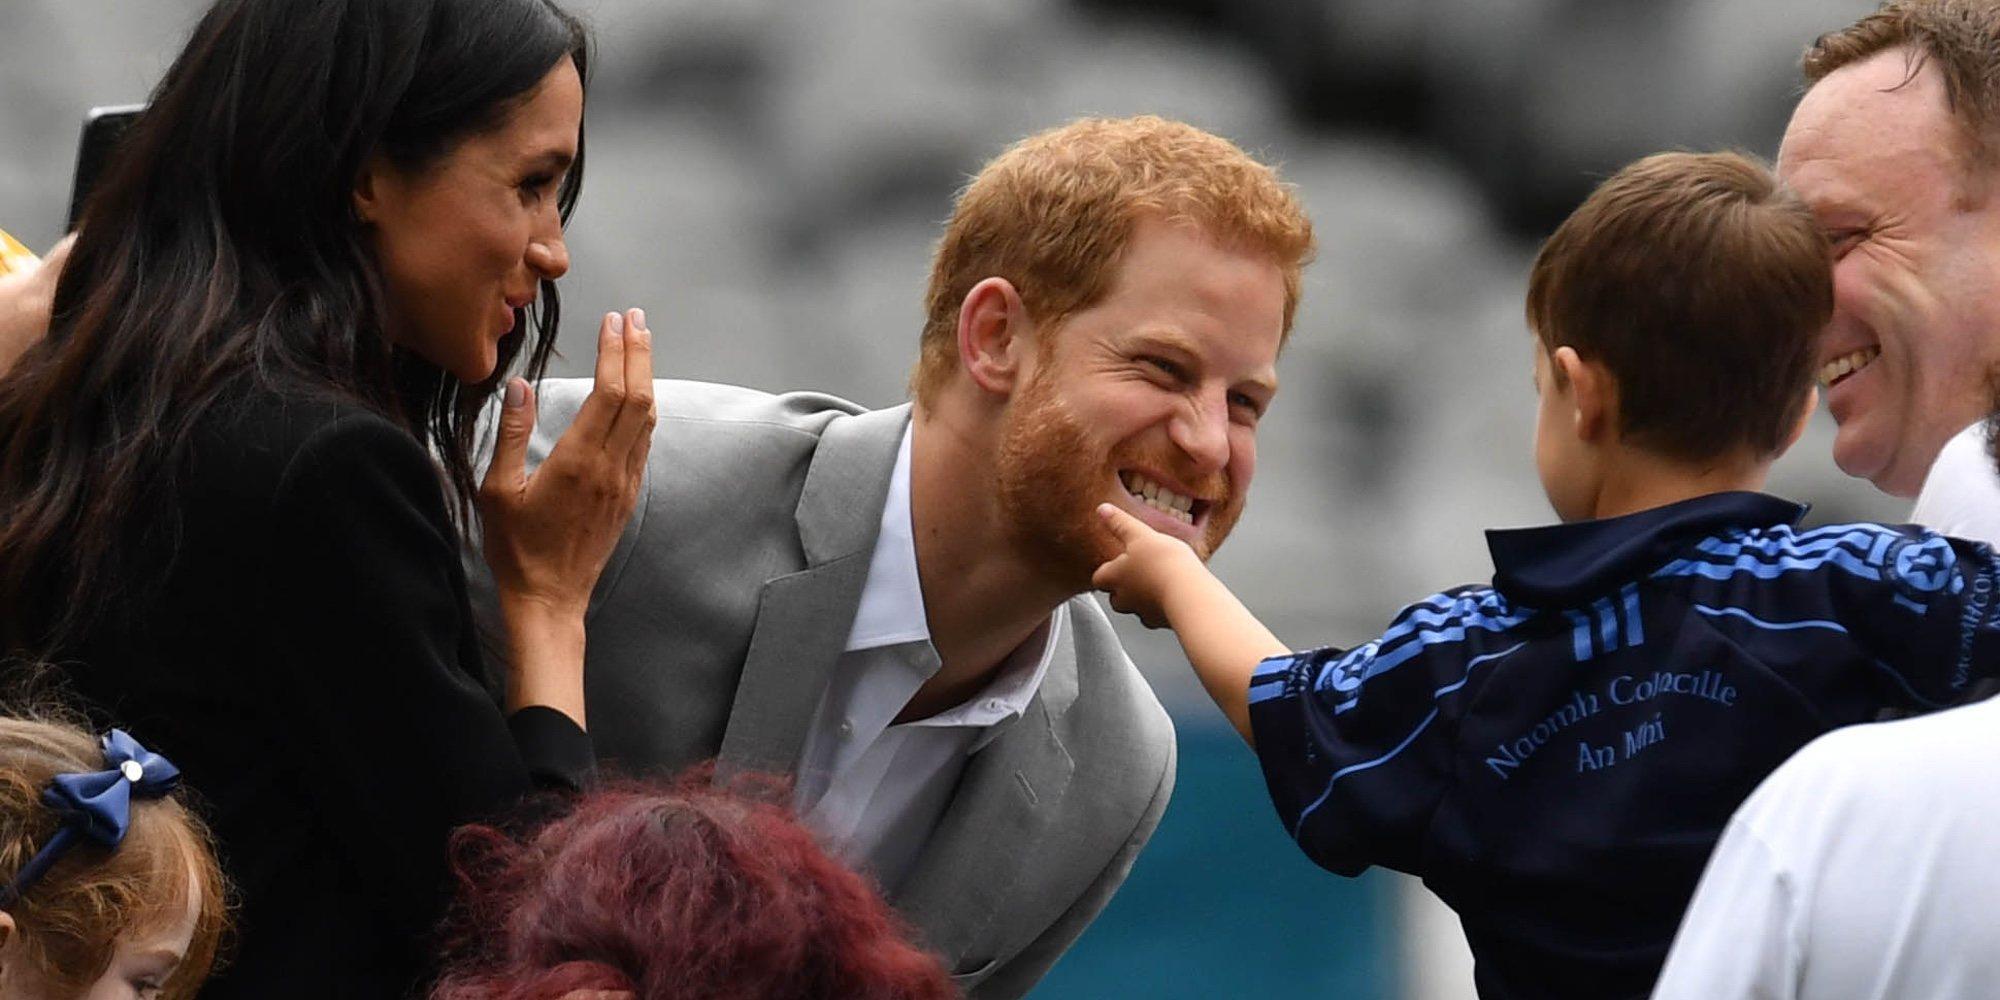 El Príncipe Harry saca su instinto paternal en presencia de Meghan Markle durante su viaje a Irlanda